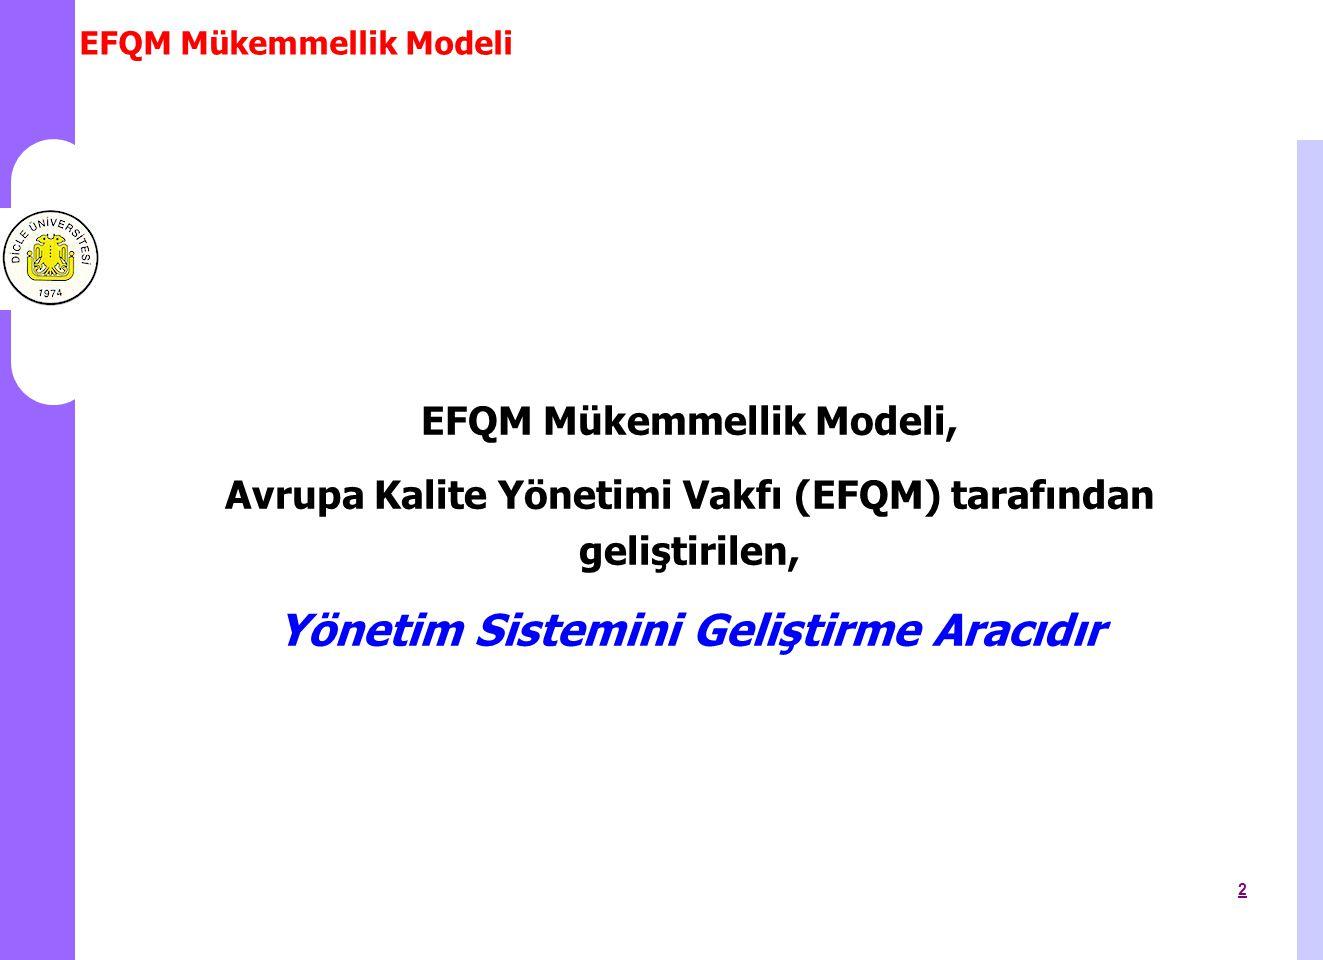 EFQM Mükemmellik Modeli 23 Değerlendirme ve Gözden Geçirme bir Kuruluşun yaklaşımını ve bu yaklaşımının yayılımını değerlendirmek, gözden geçirmek ve iyileştirmek için neler yaptığını içerir.